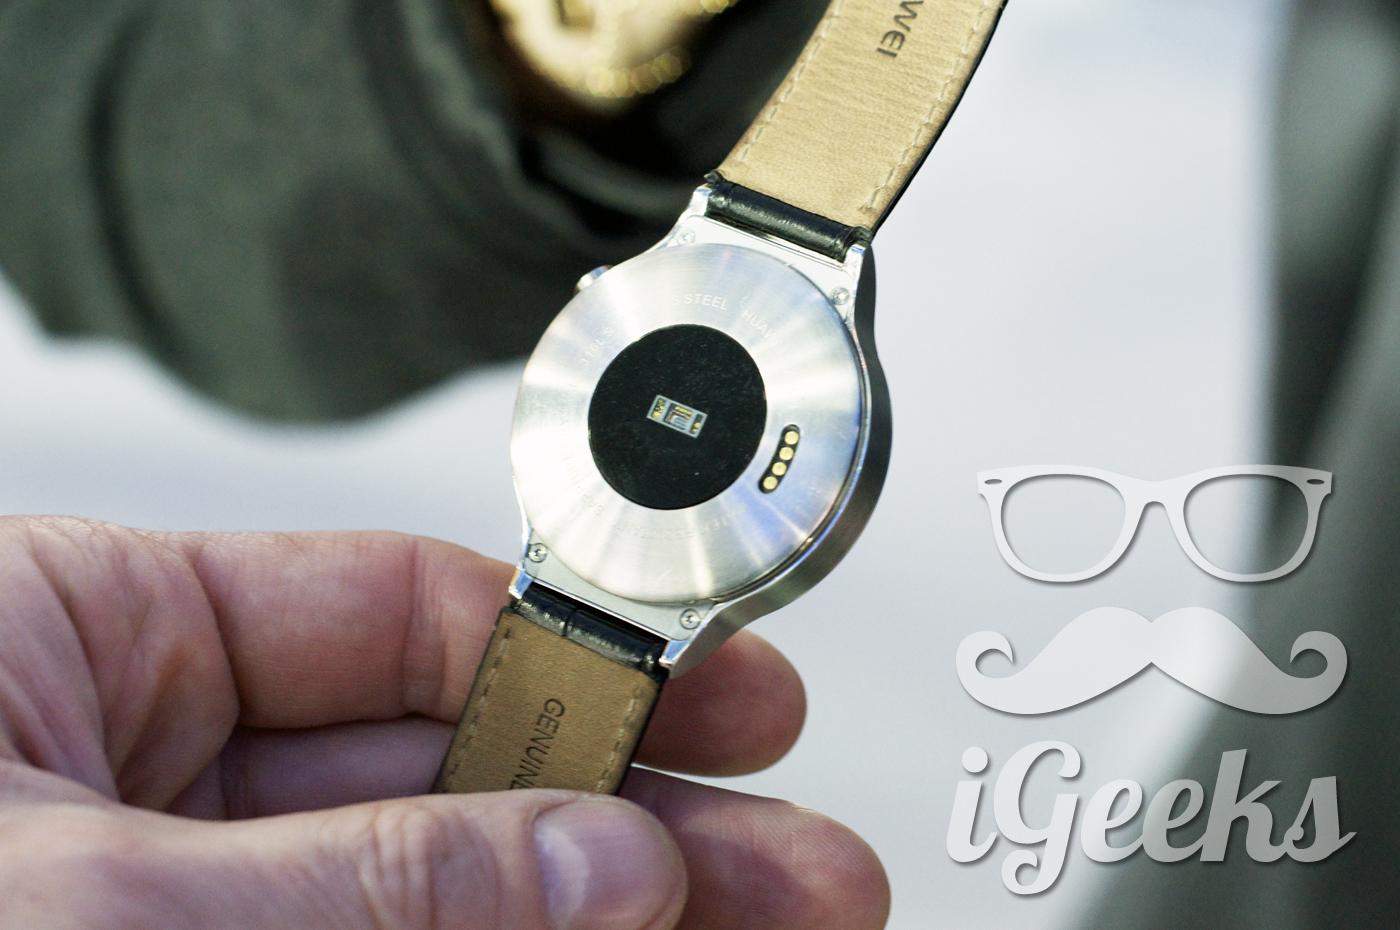 Huawei-Watch-MWC2015-09